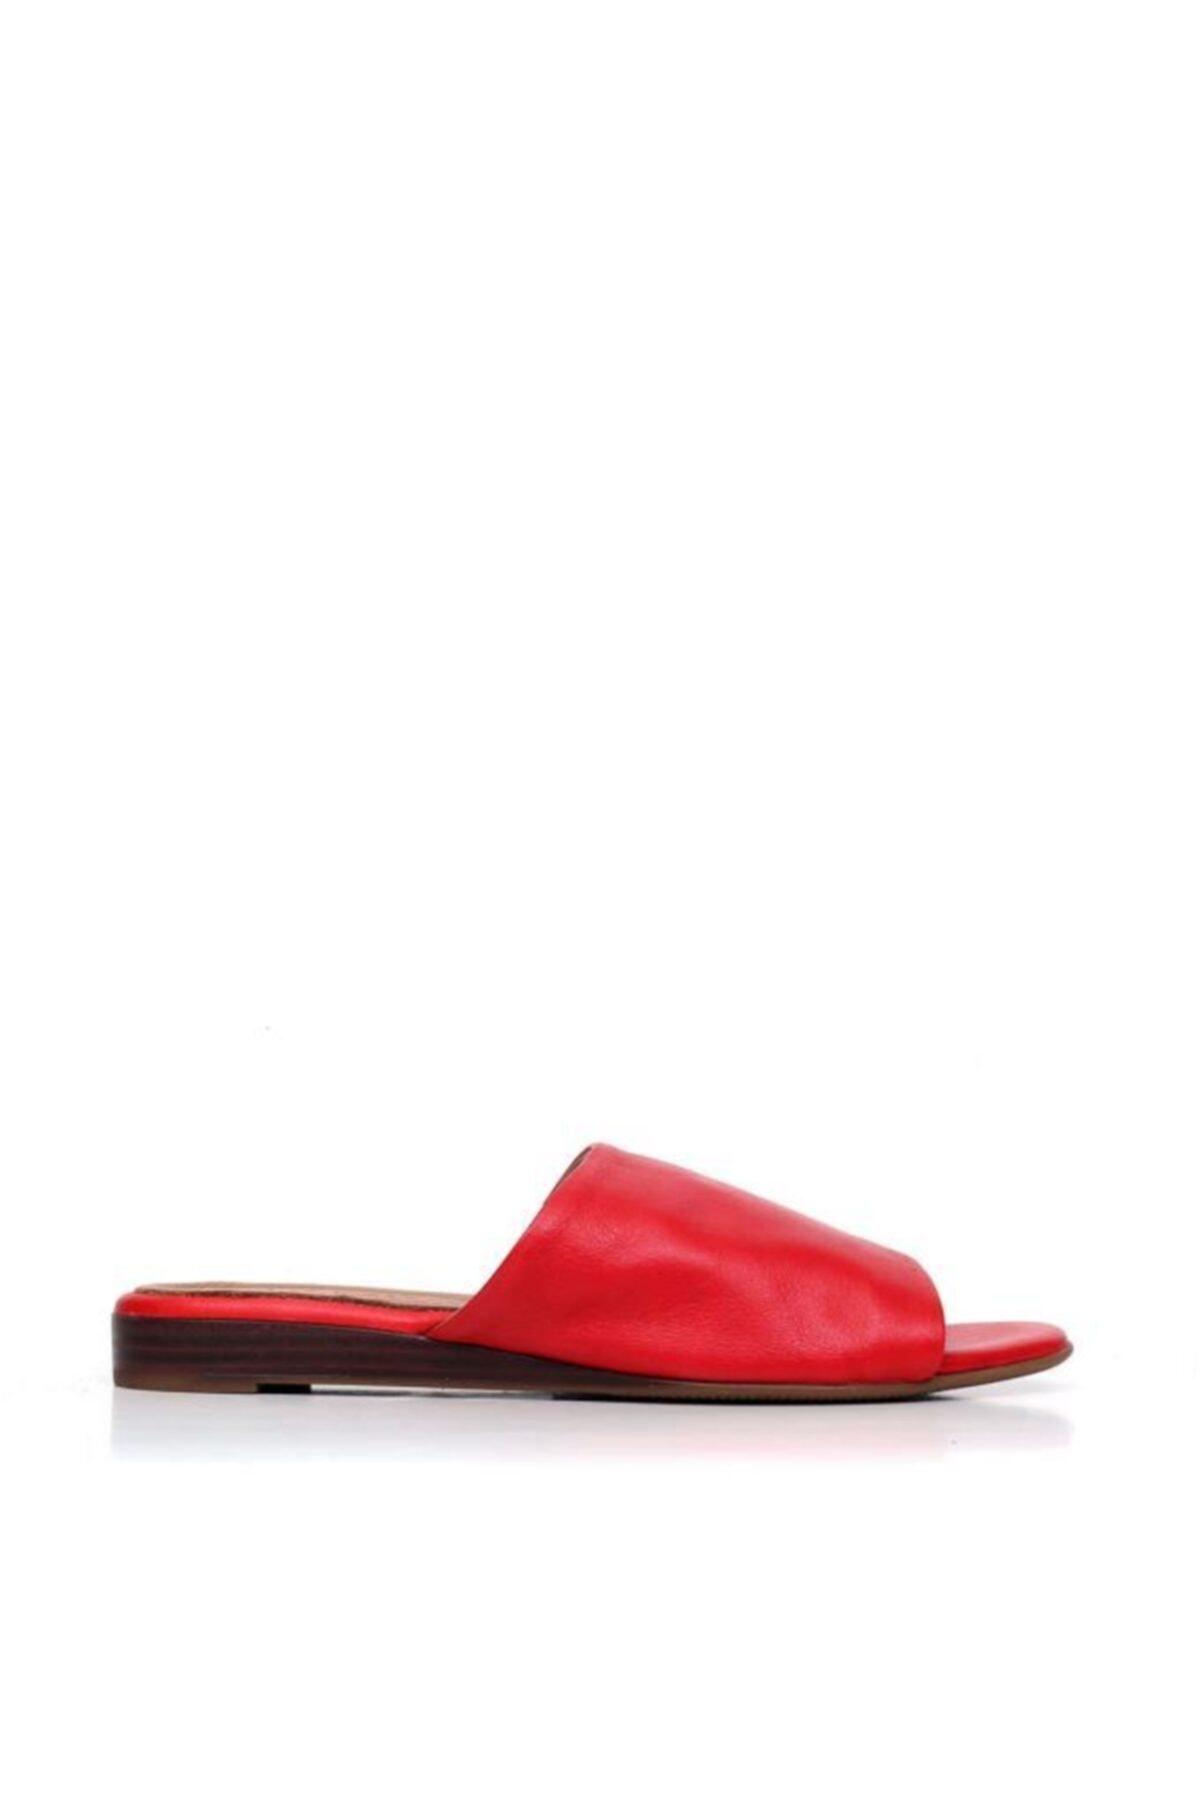 BUENO Shoes Lastik Detaylı Hakiki Deri Kadın Düz Terlik 9n1901 1